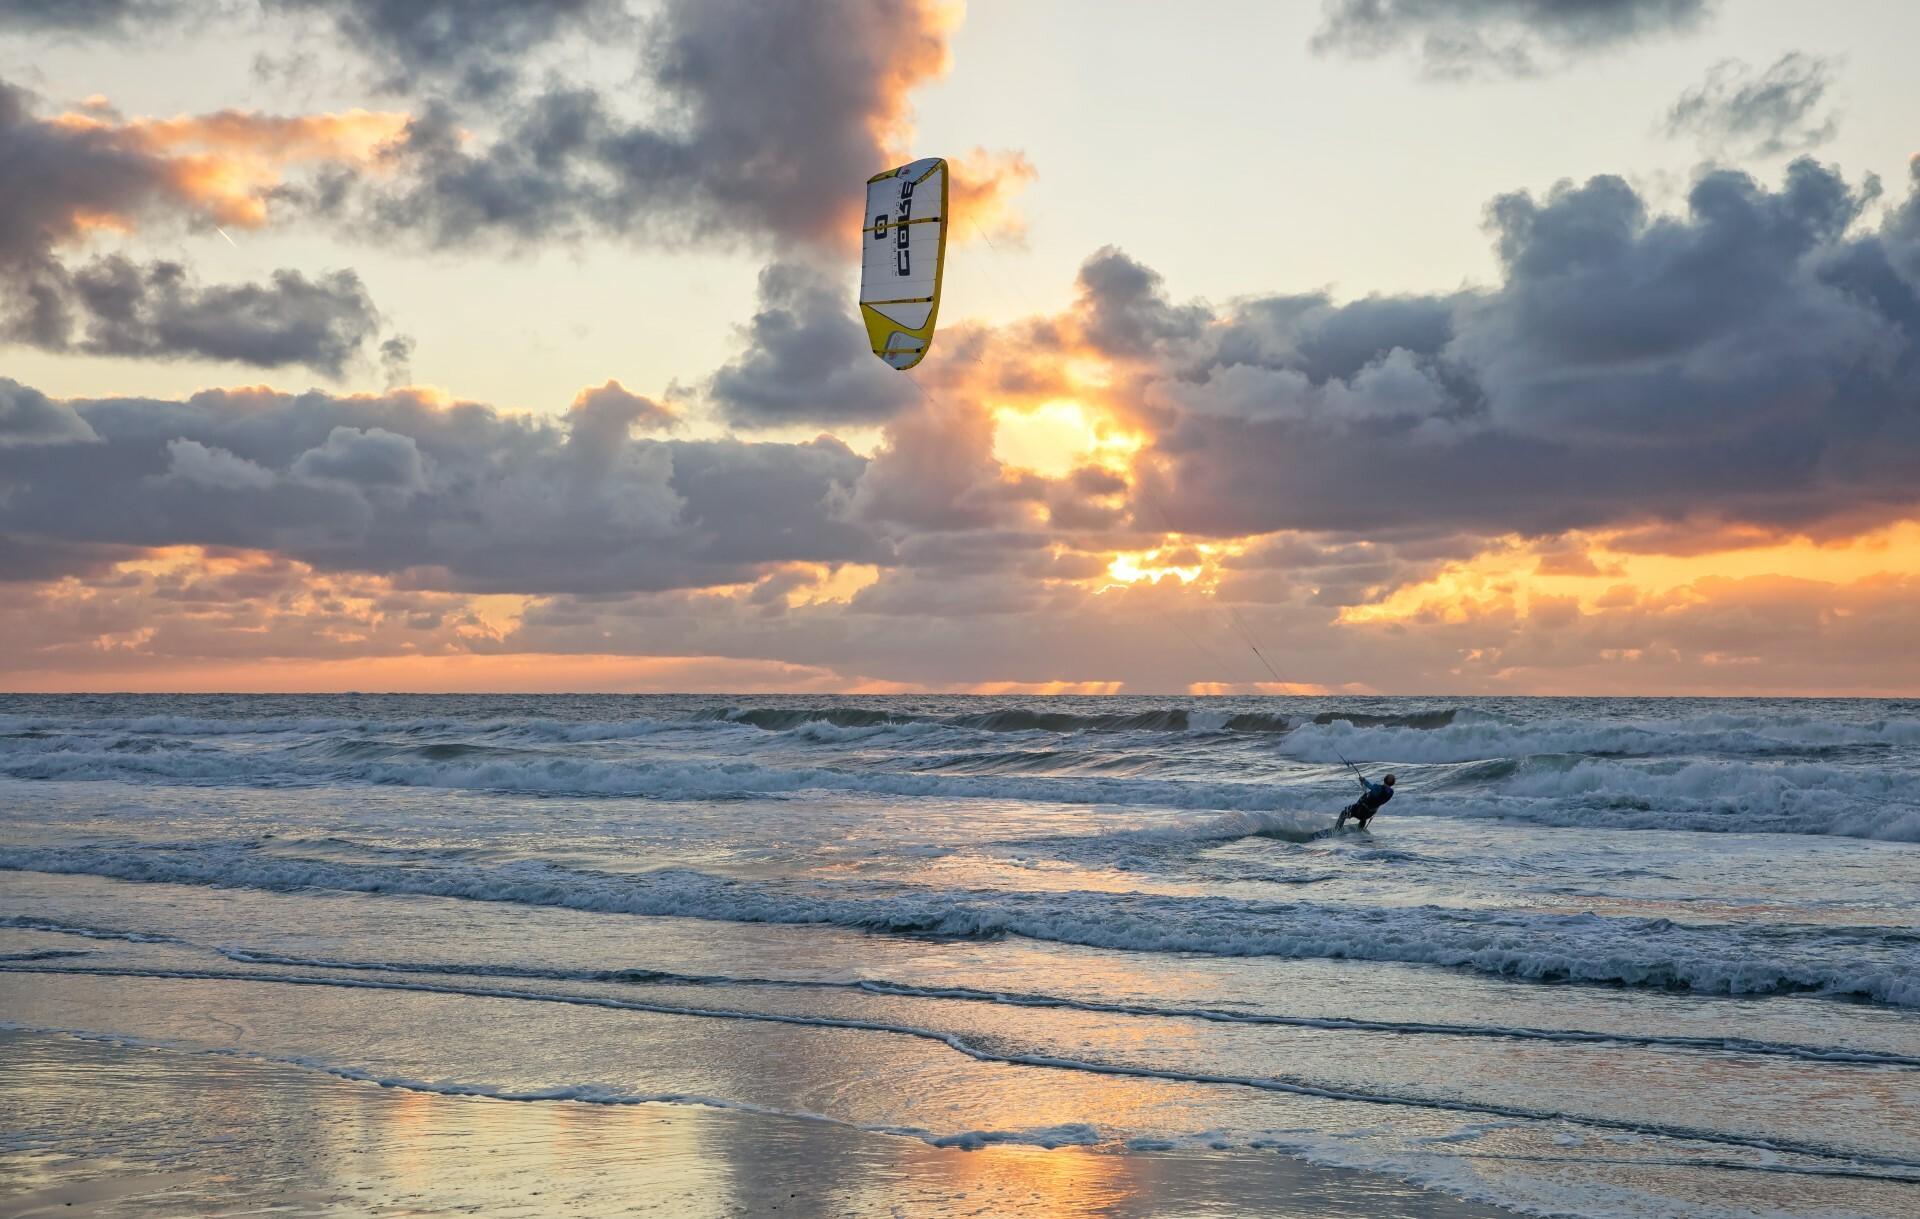 Kitesurfen op de Noordzee VVV Texel fotograaf Justin Sinner